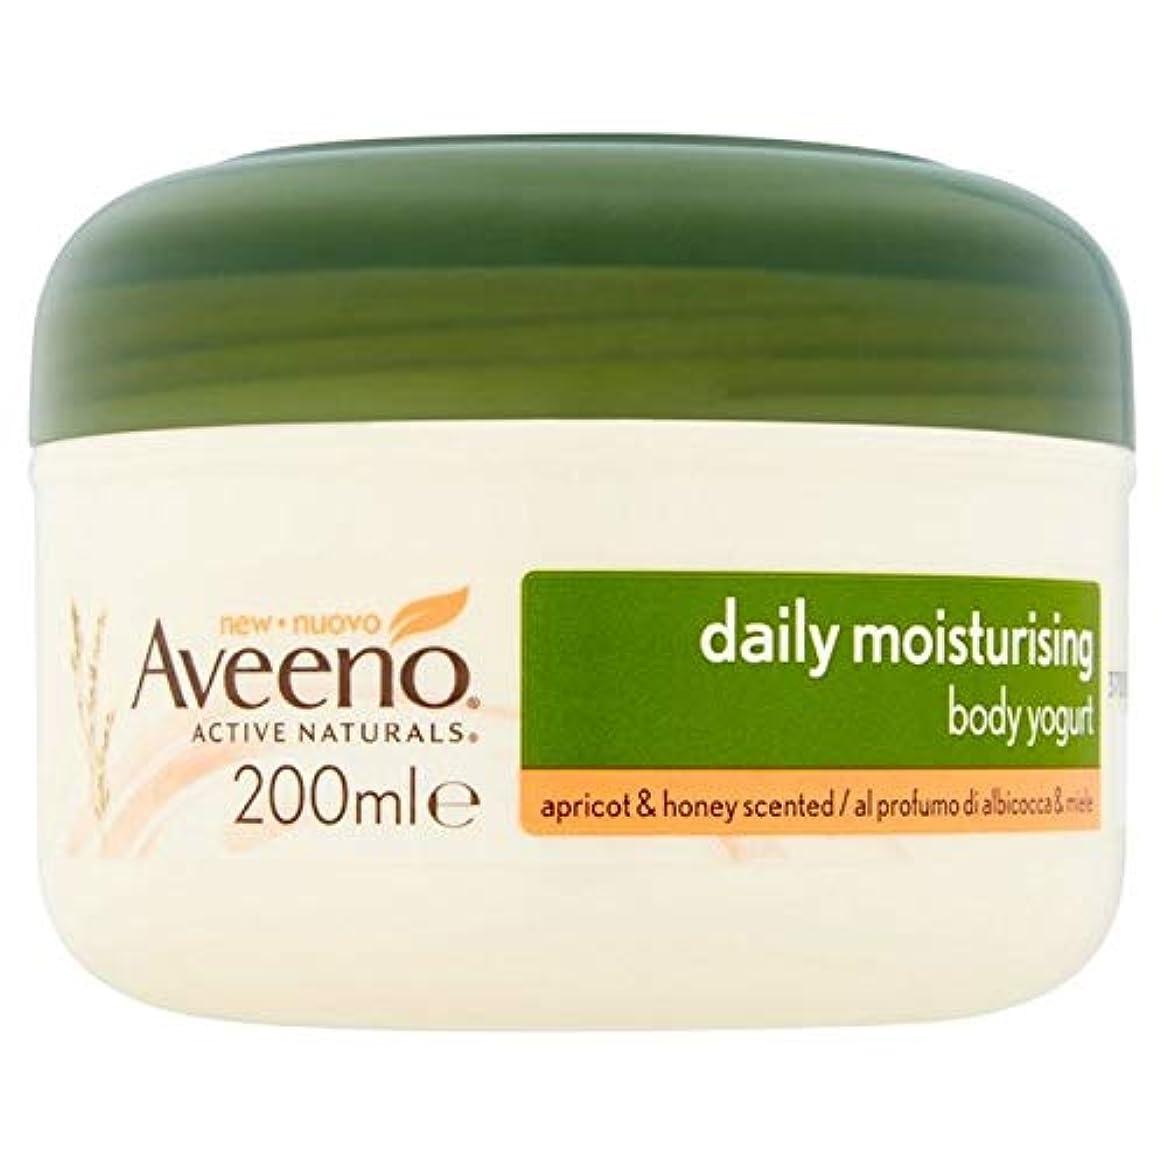 投資する臭い商品[Aveeno] Aveeno毎日保湿ボディヨーグルトアプリコット&ハニー200ミリリットル - Aveeno Daily Moisturising Body Yogurts Apricot & Honey 200ml...